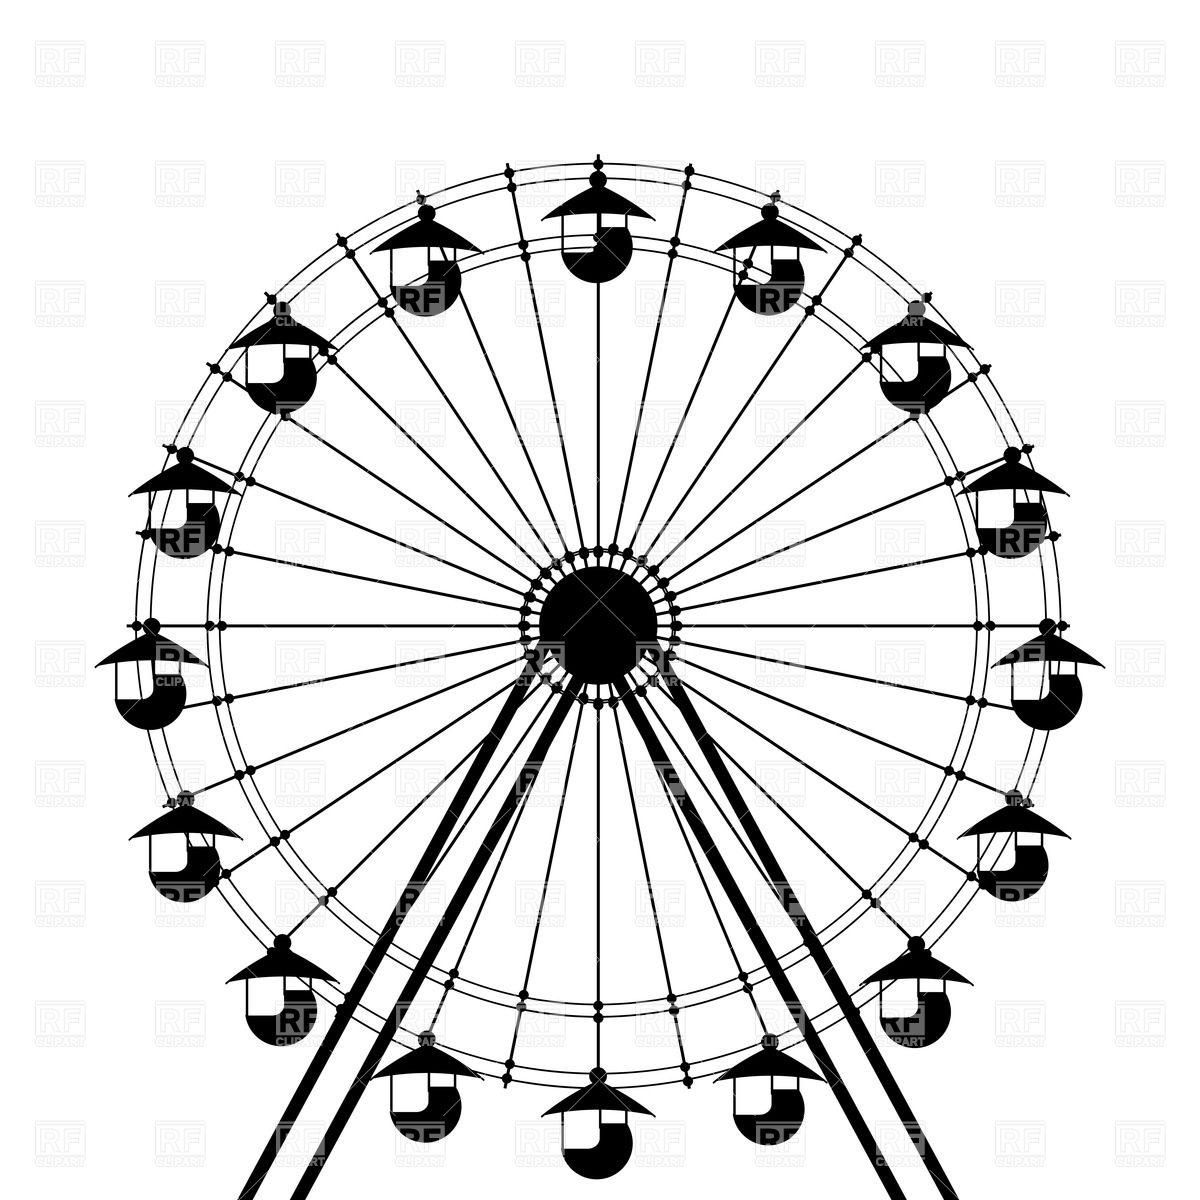 Ferris Wheel Clipart - Clipart Kid